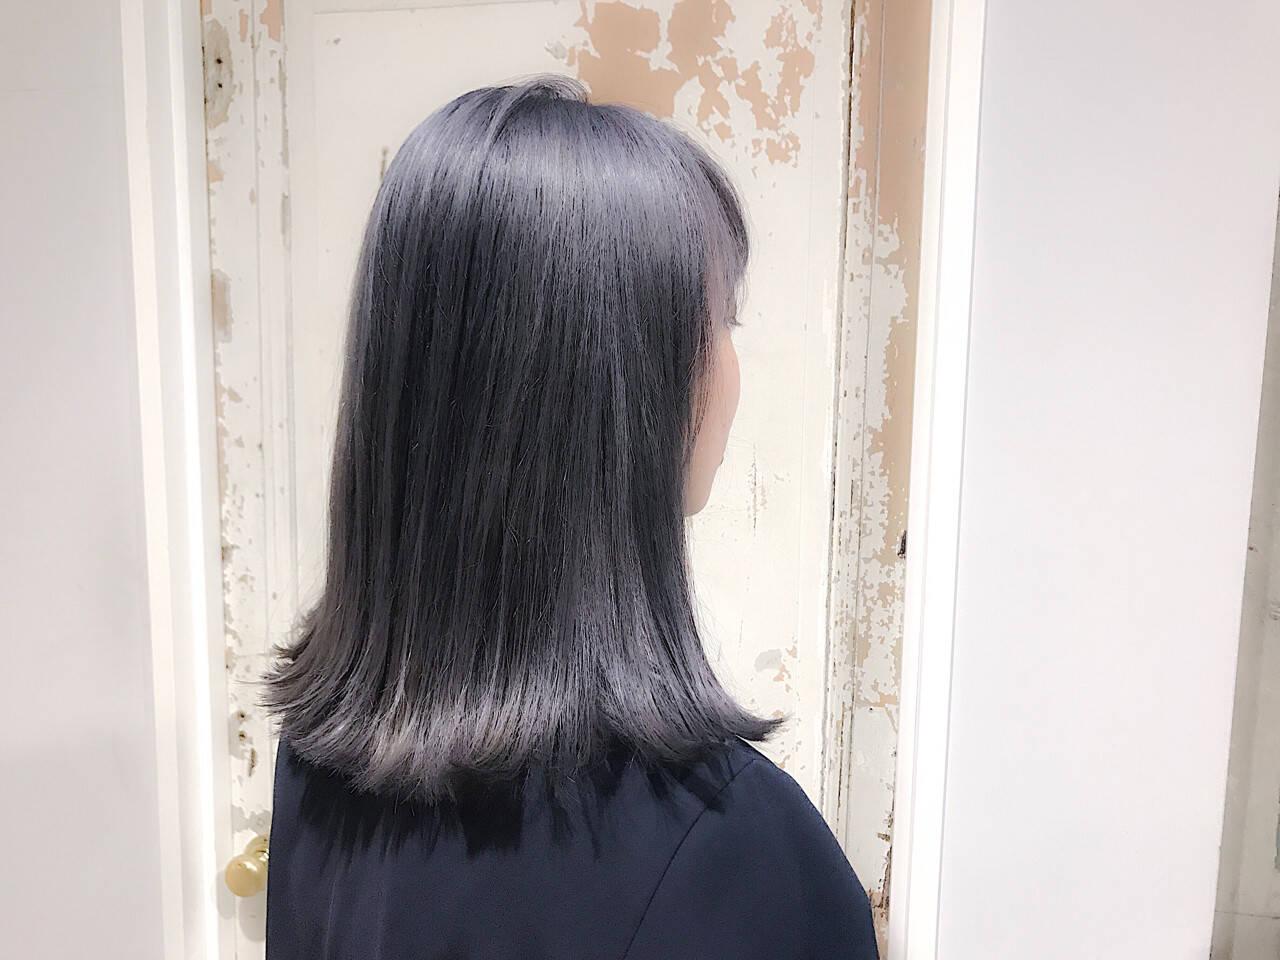 外国人風 ミディアム ハイライト 艶髪ヘアスタイルや髪型の写真・画像